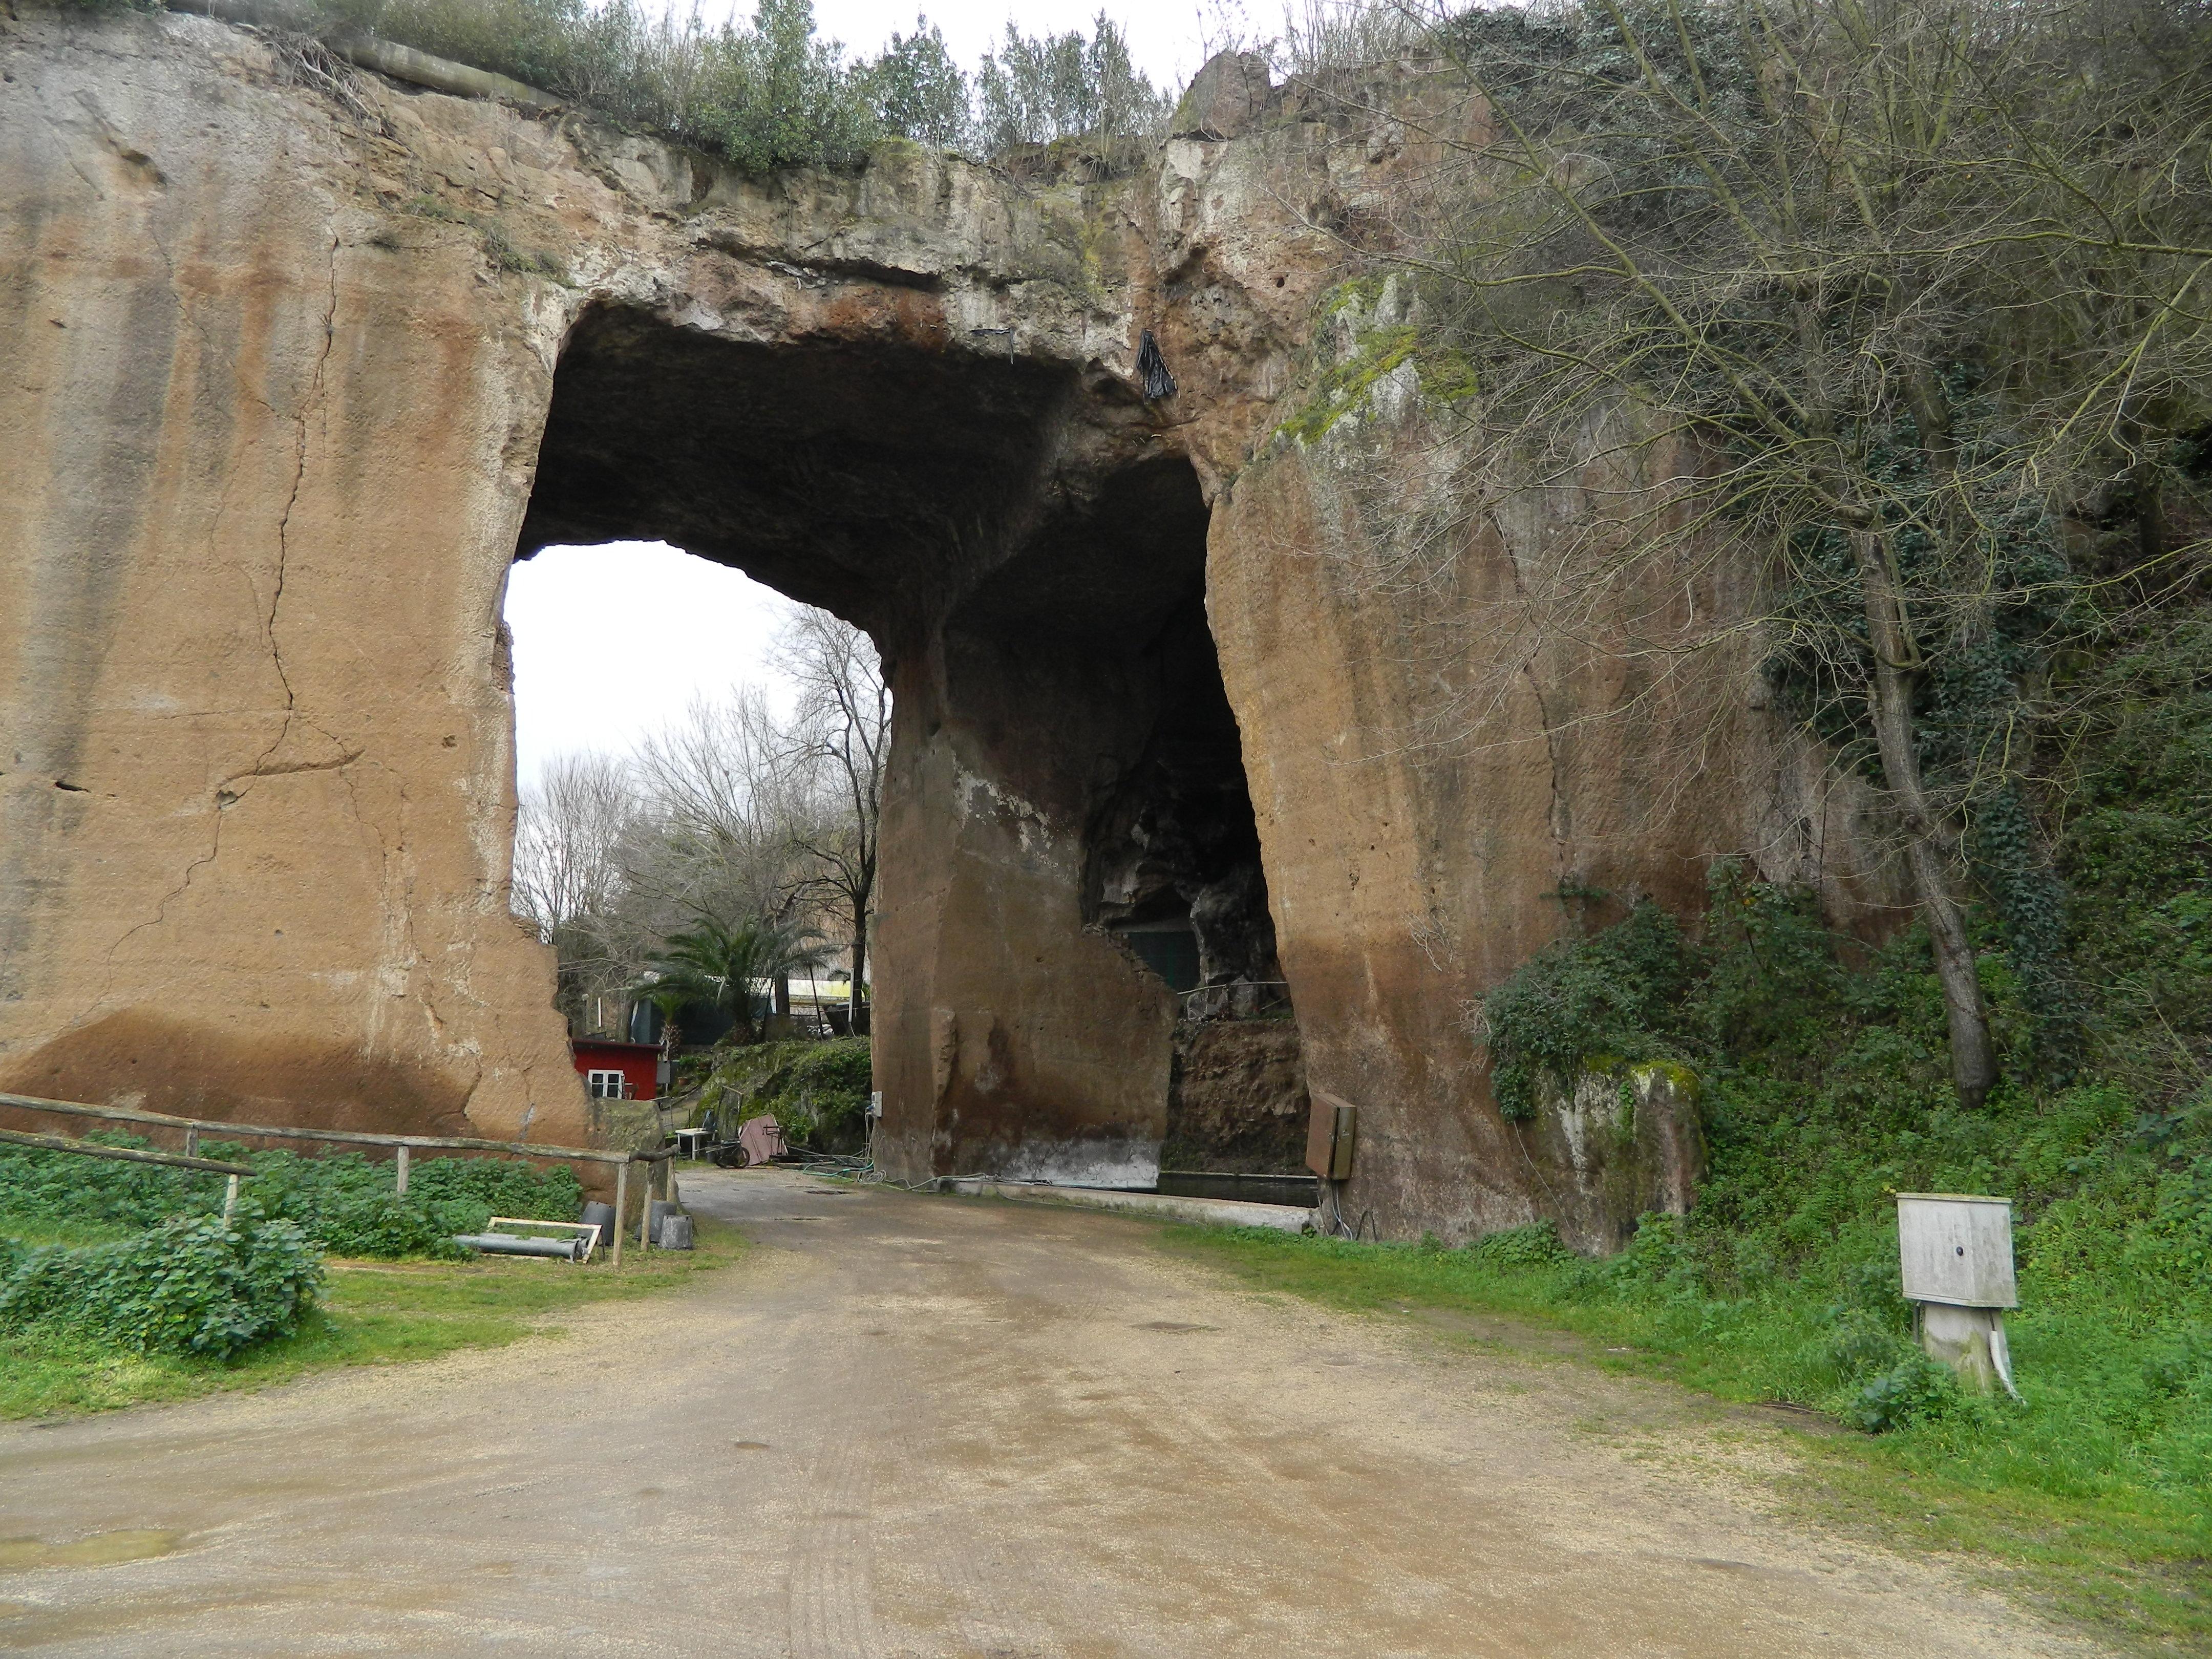 Visita guidata lungo i sentieri della Riserva Naturale Valle dell'Aniene - Le cave di Tor cervara